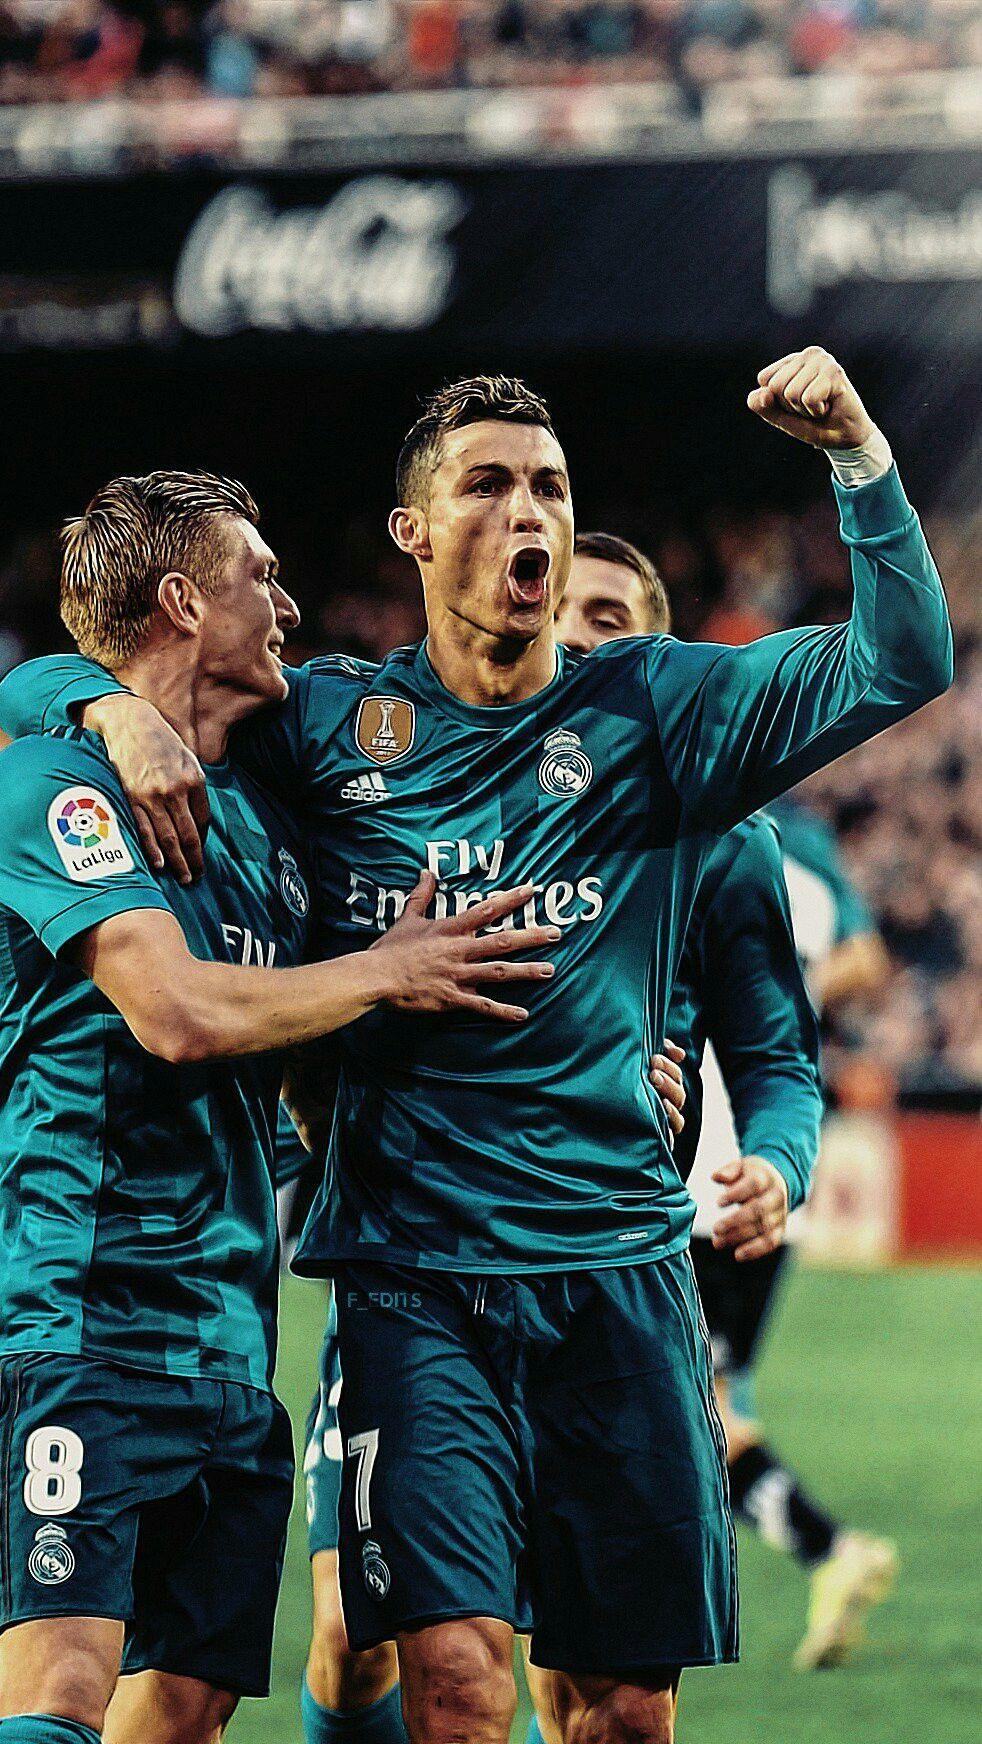 Ronaldo & Kroos #futbolronaldo